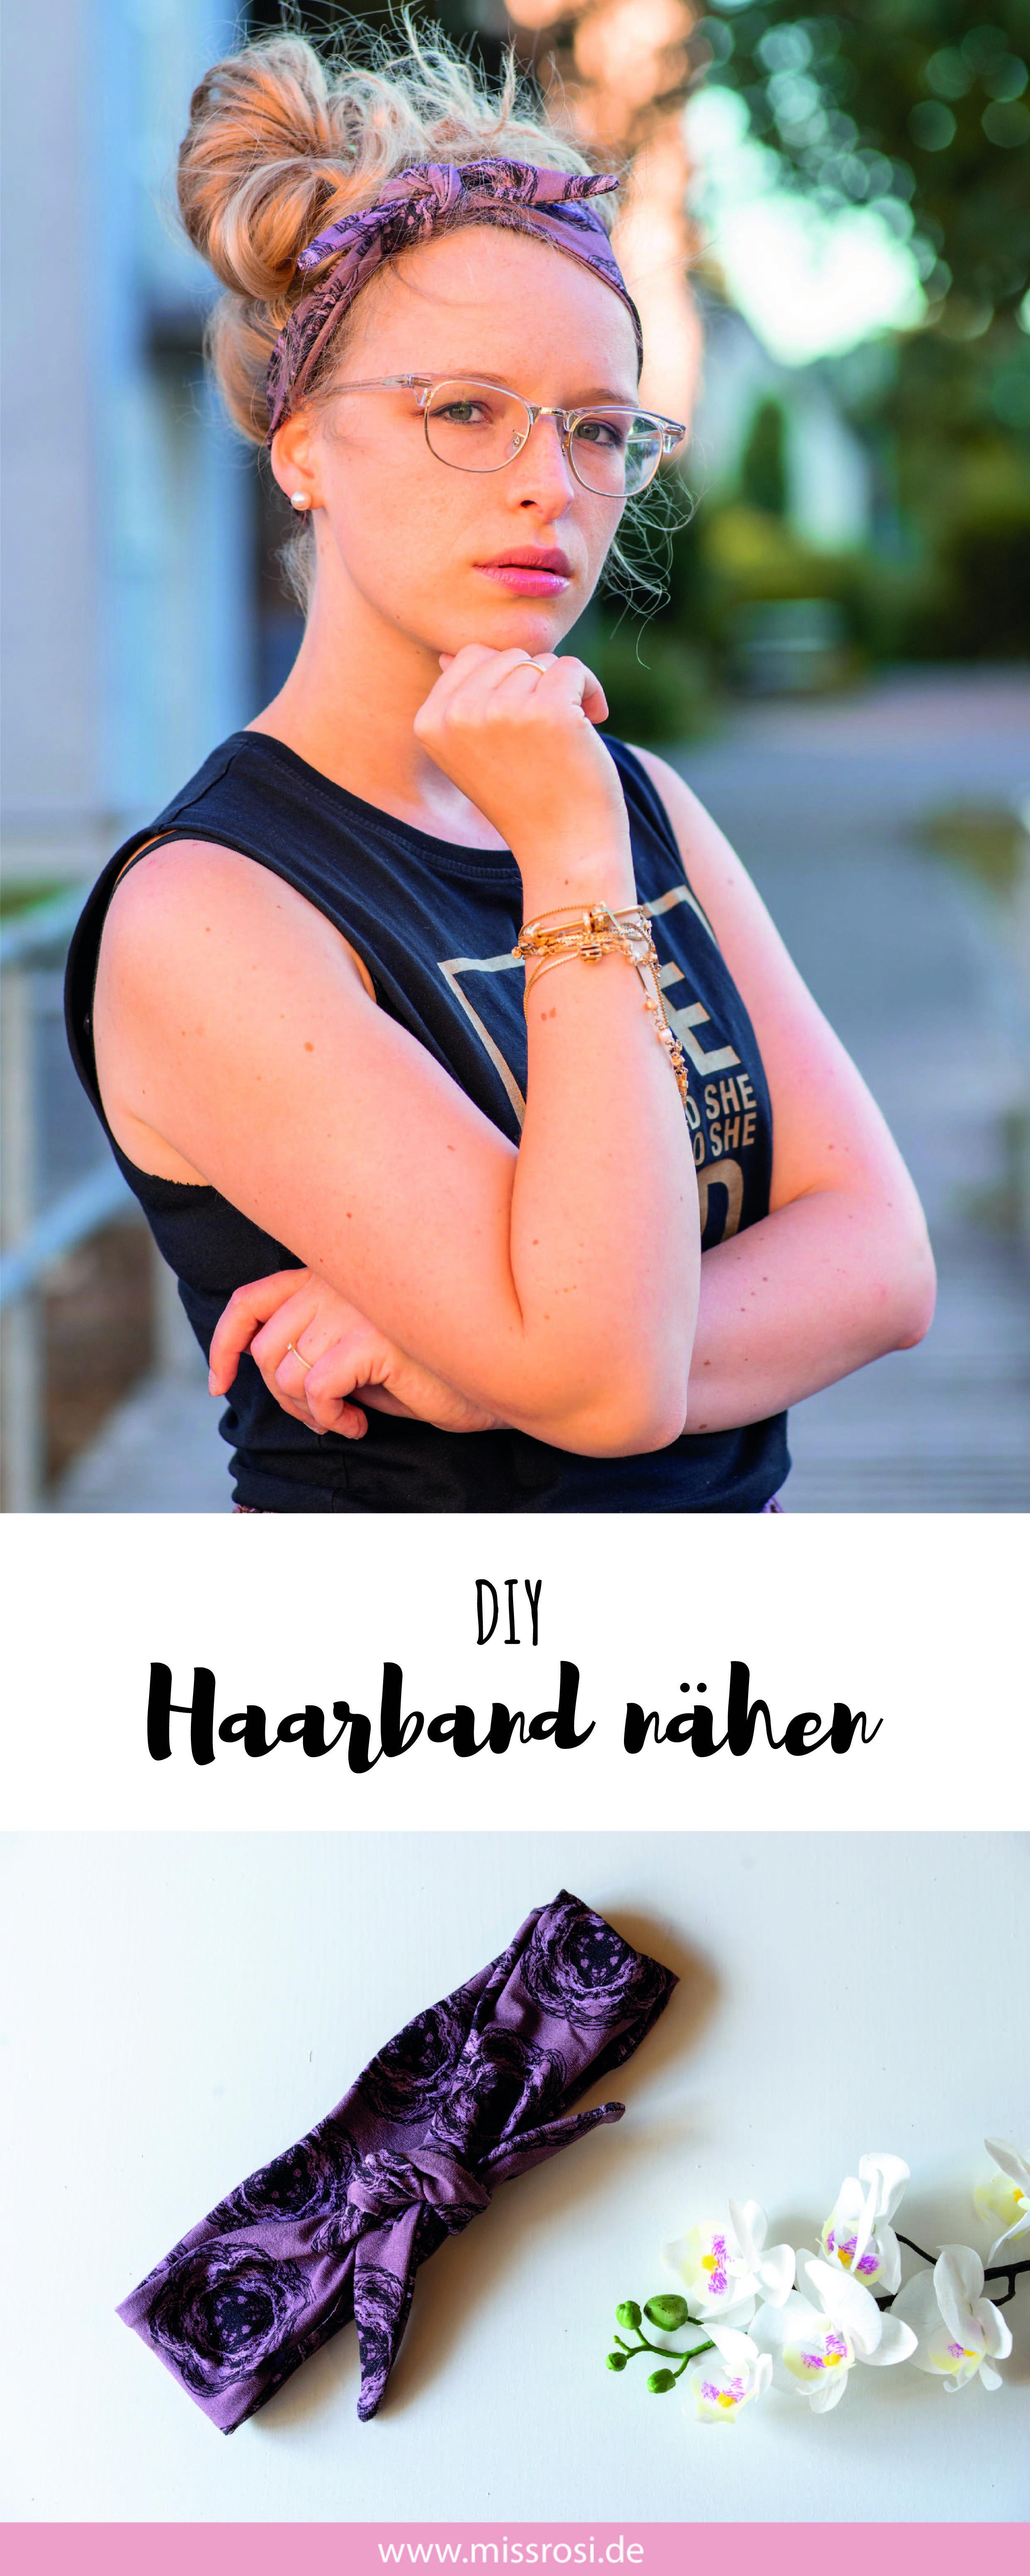 Haarband nähen, einfache Anleitung für Anfänger #diyhairstyles